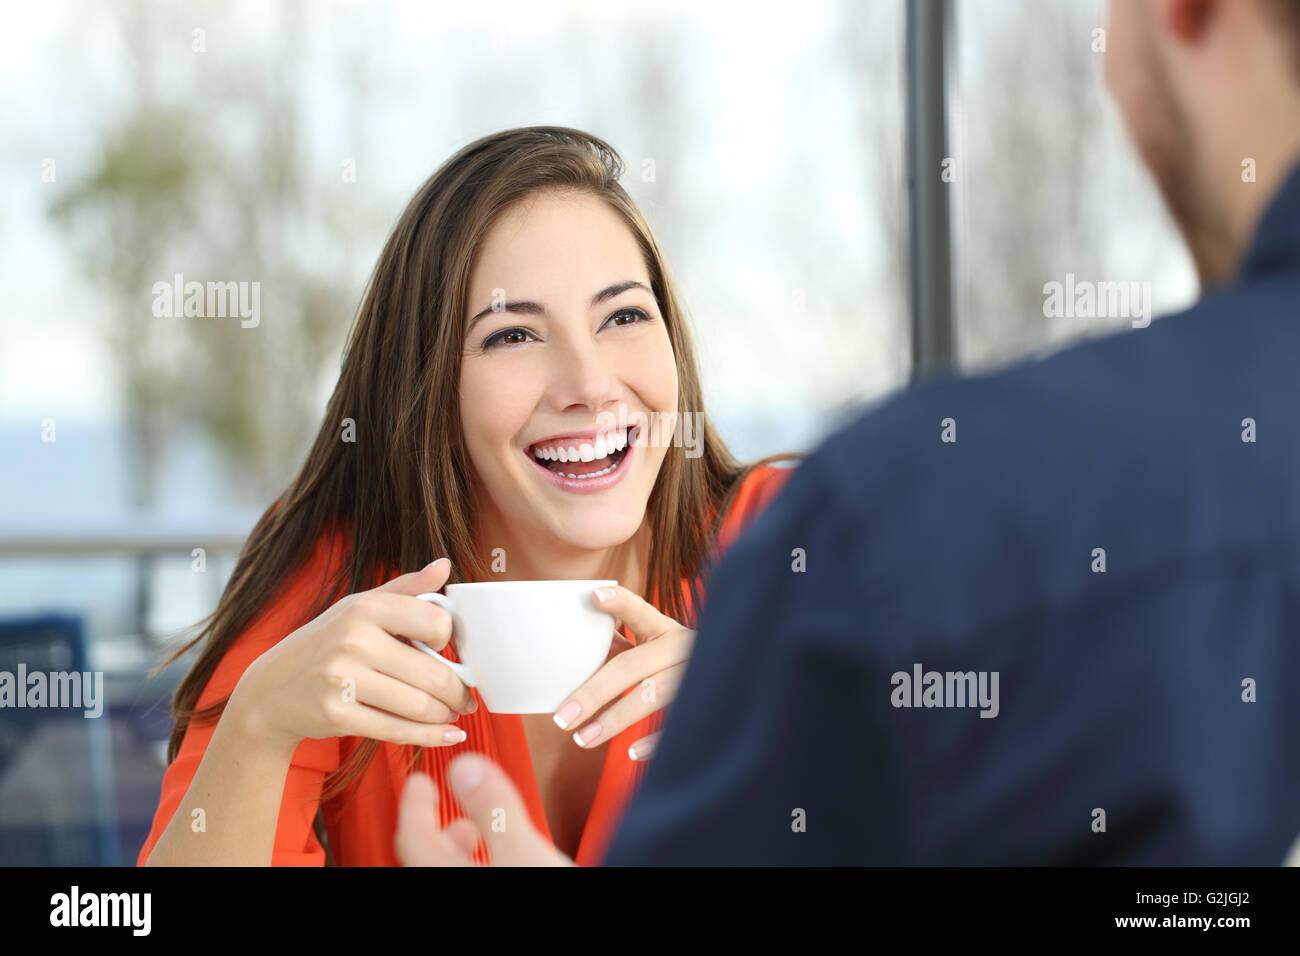 Donna felice dating in una caffetteria guardando il suo partner e tenendo una tazza Immagini Stock